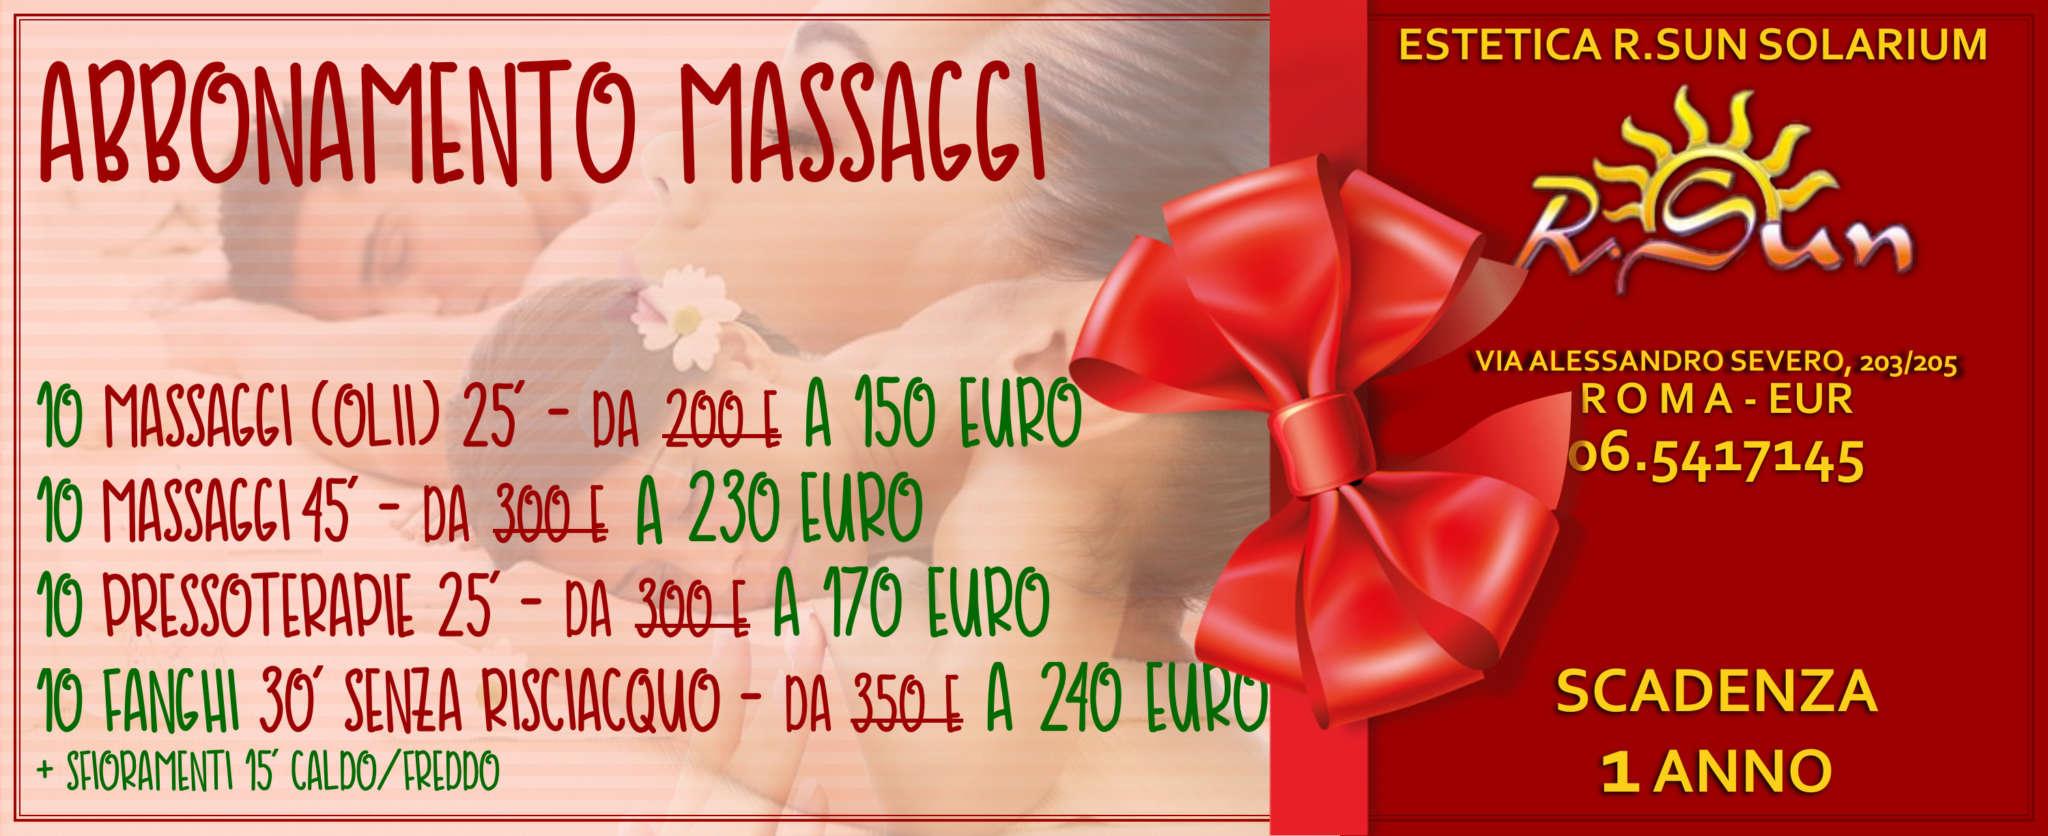 Estetica-R.Sun-Roma-Eur-abbonamento-trattamenti-massaggi-natale-2018